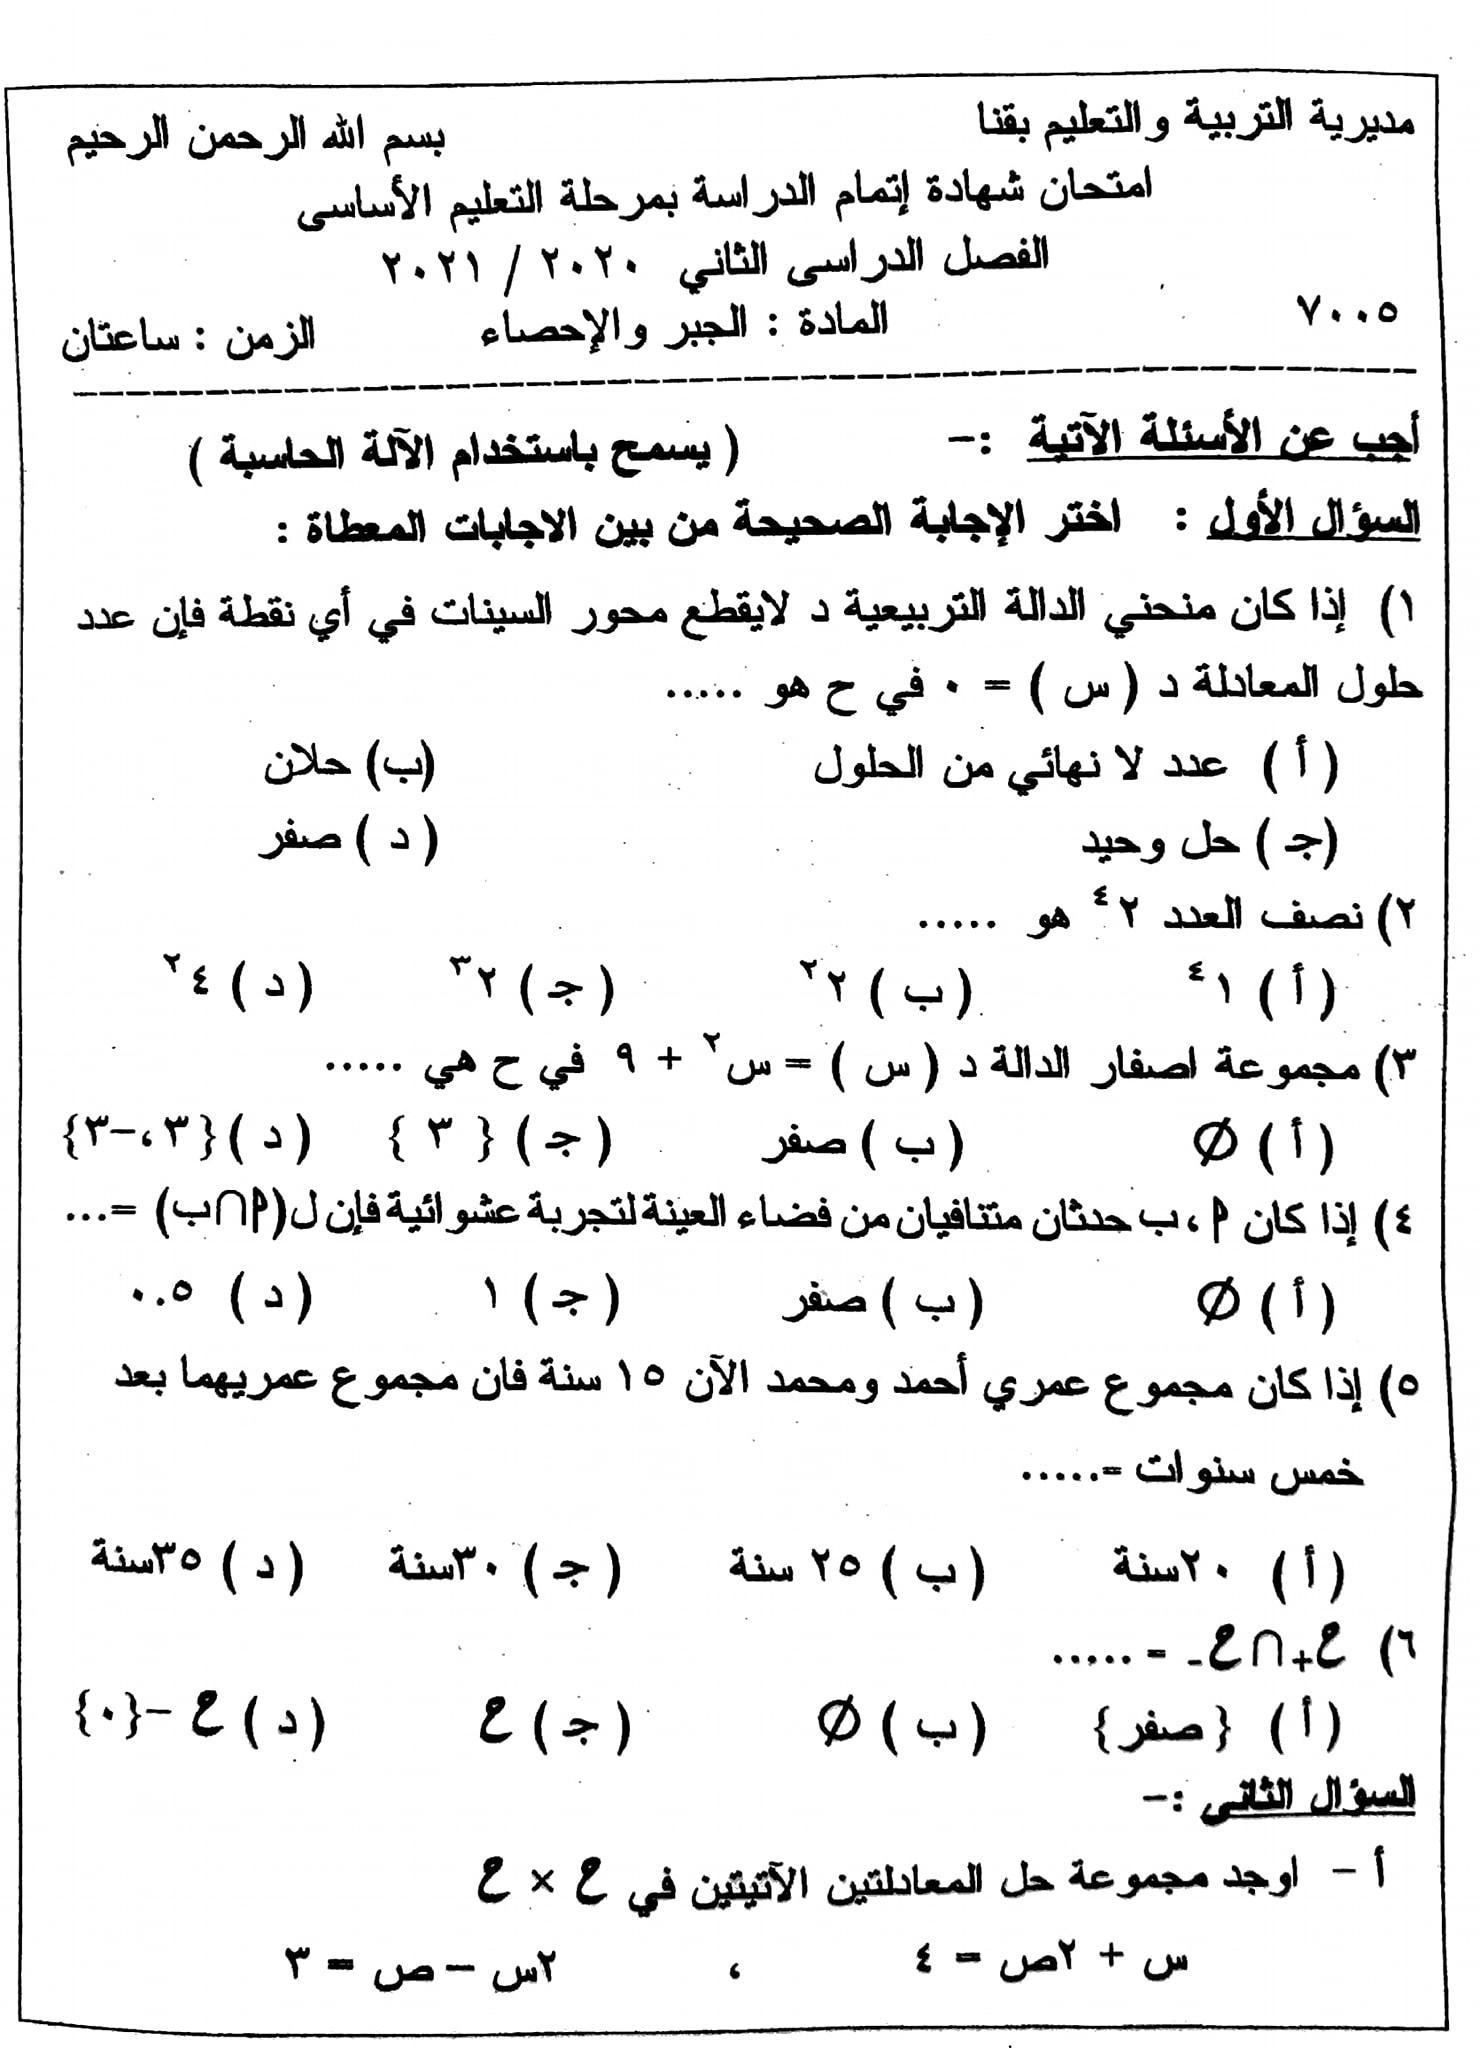 امتحان الجبر محافظة قنا بالإجابات الصف الثالث الإعدادى الترم الثانى 2021